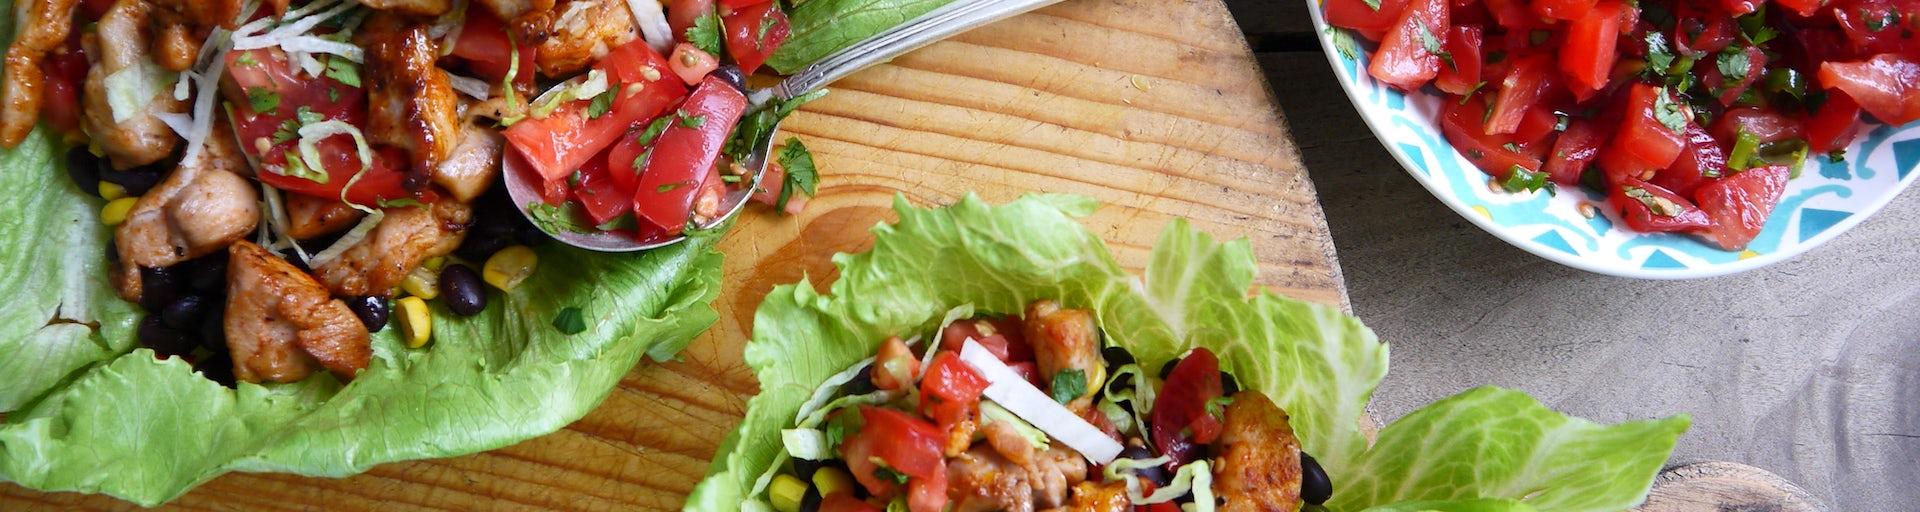 Wk 40 Mexicaanse bonen mais salade met gebakken kippendij en tomaten salsa